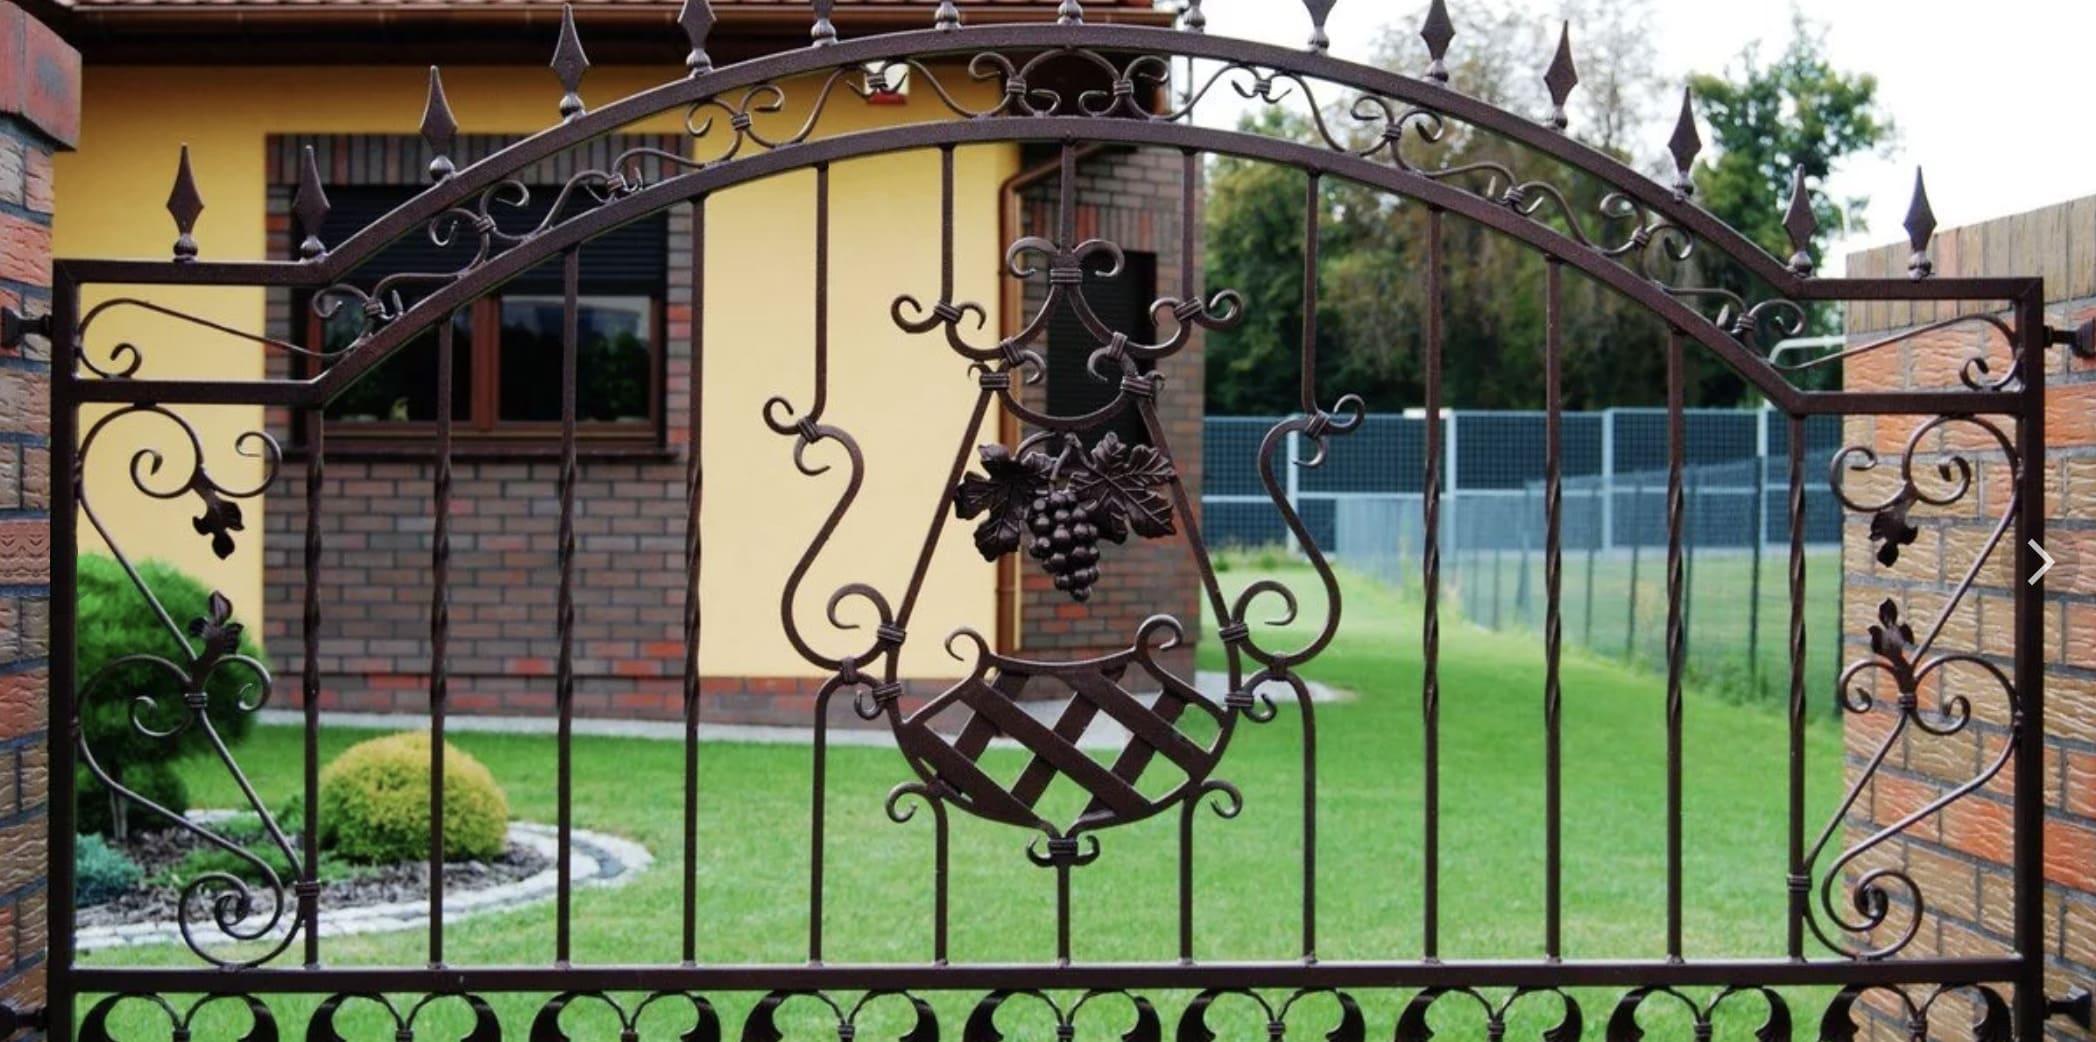 Кованый забор несет декоративную функцию, а также создает эффект легкости и прозрачности